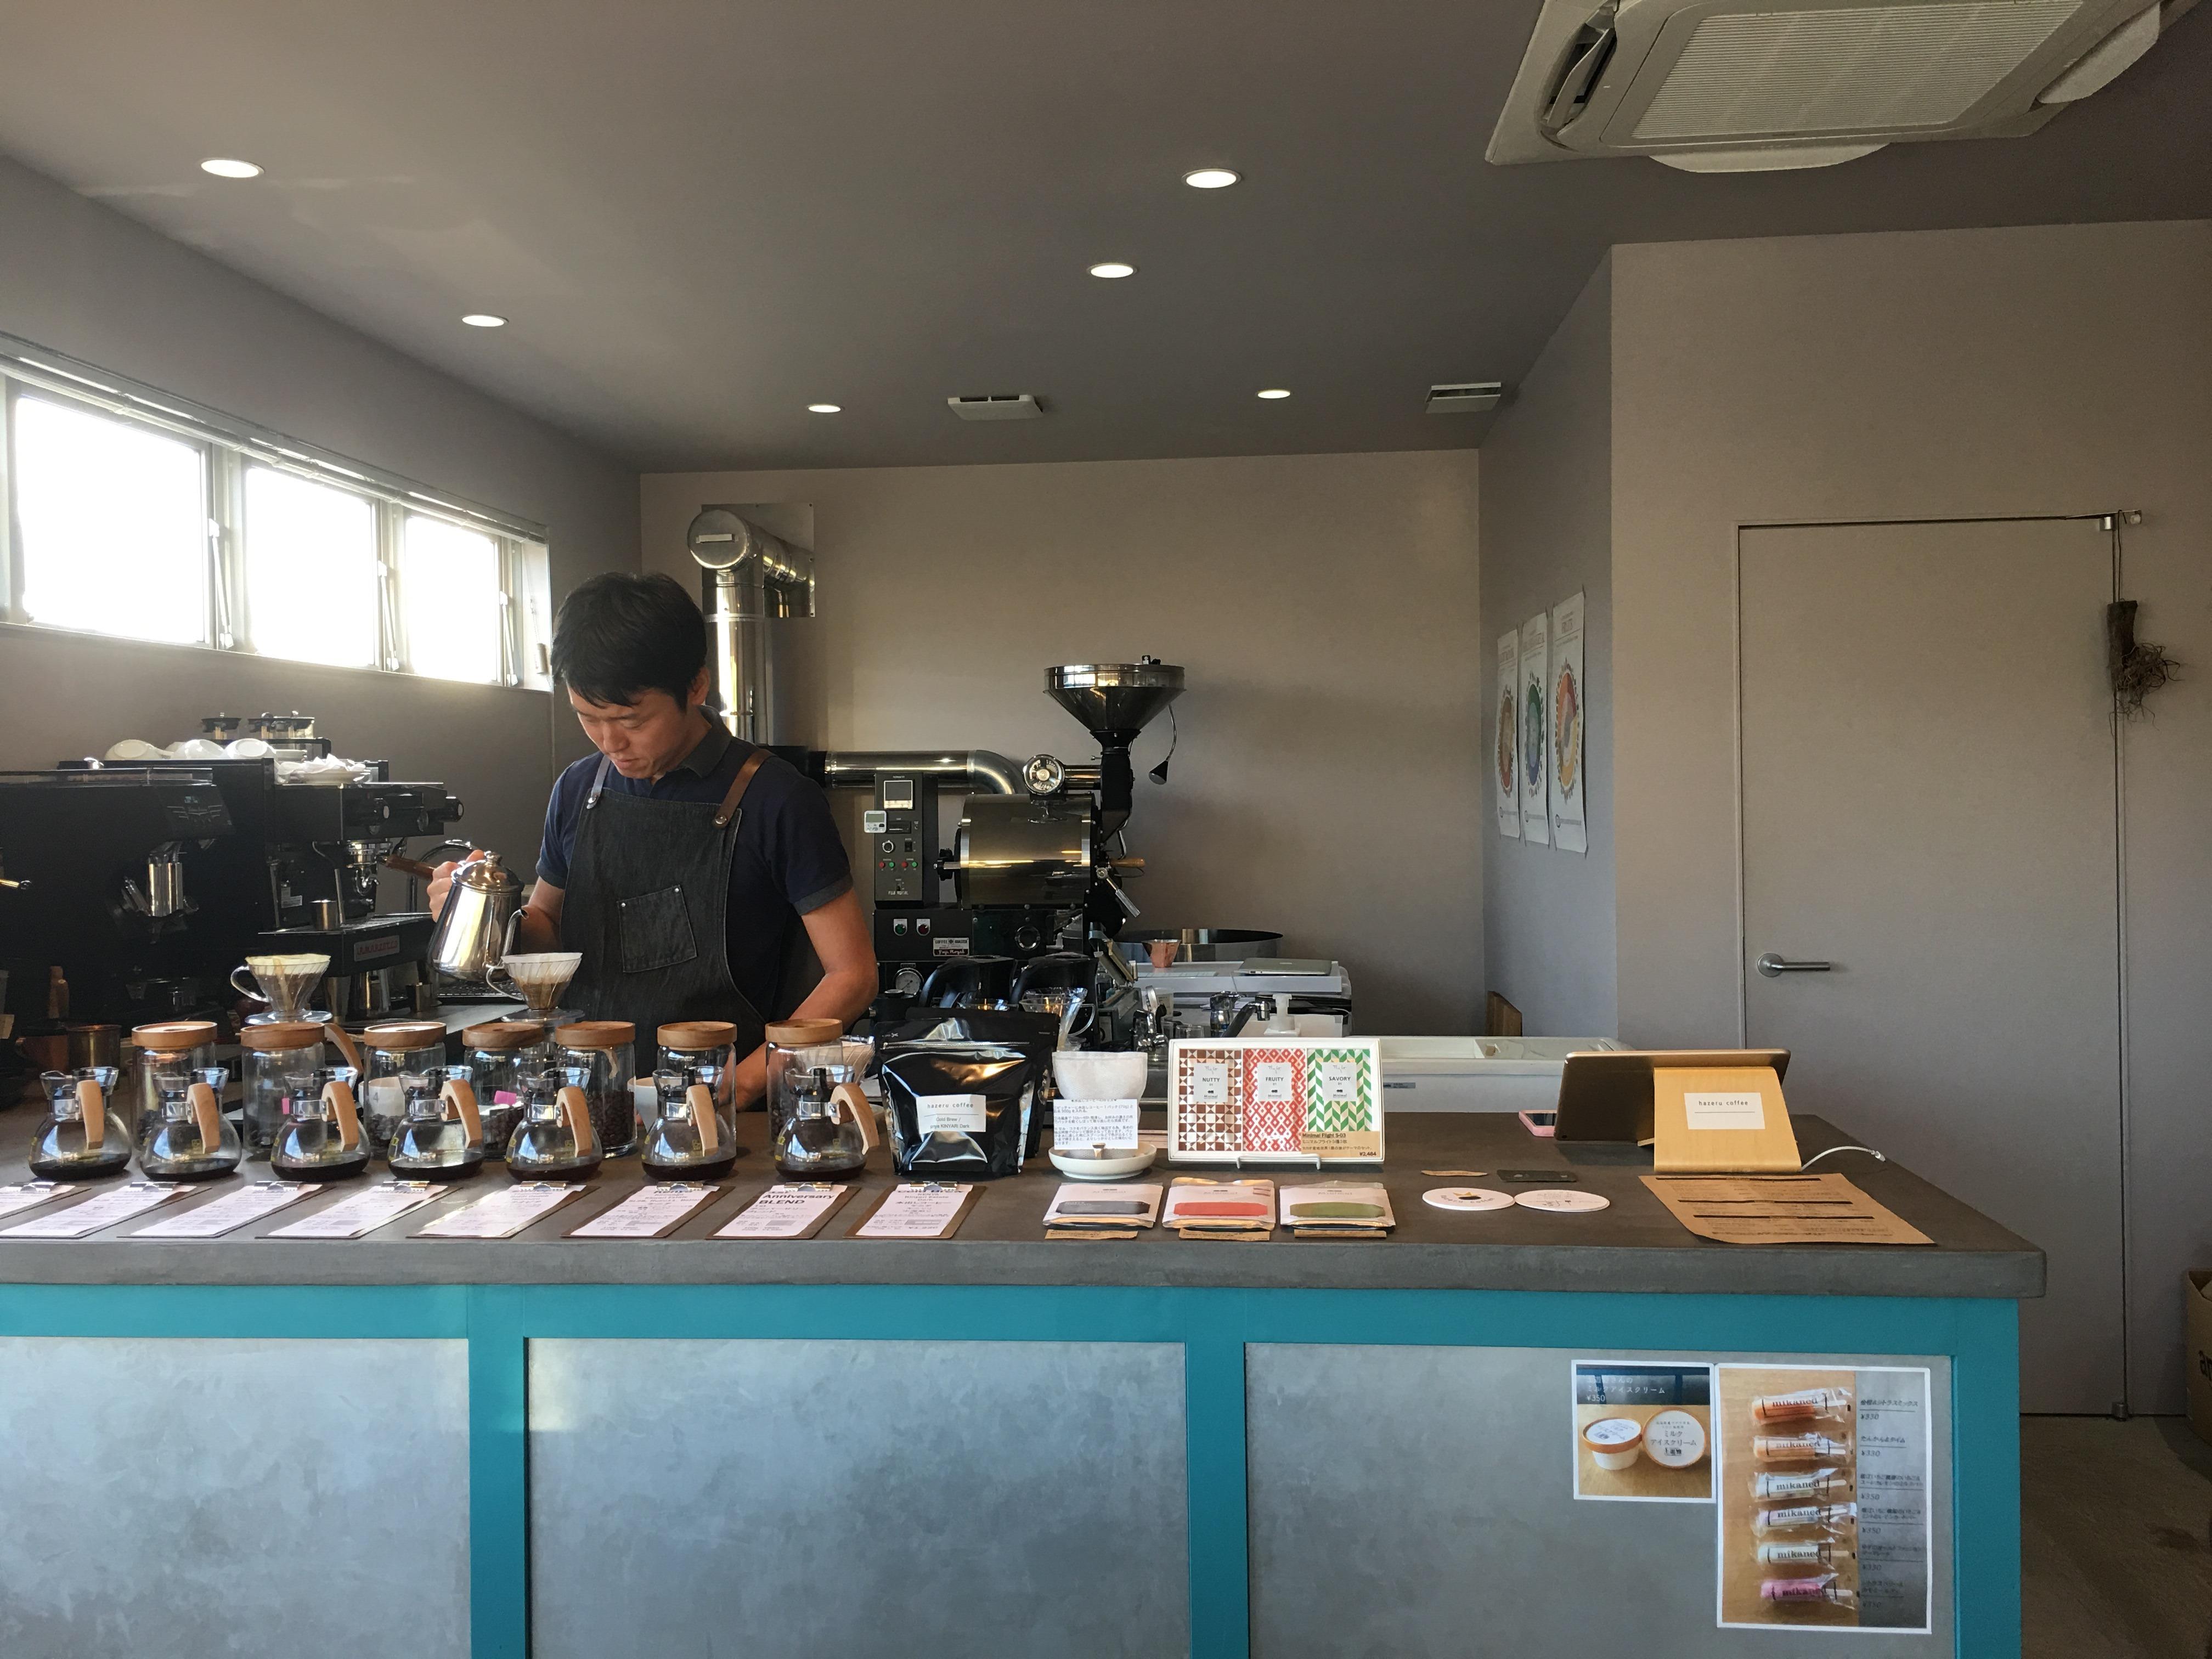 11月3日(日)12時~:Discover2019 優勝記念 hazeru coffeeが考える美味しいコーヒーとは